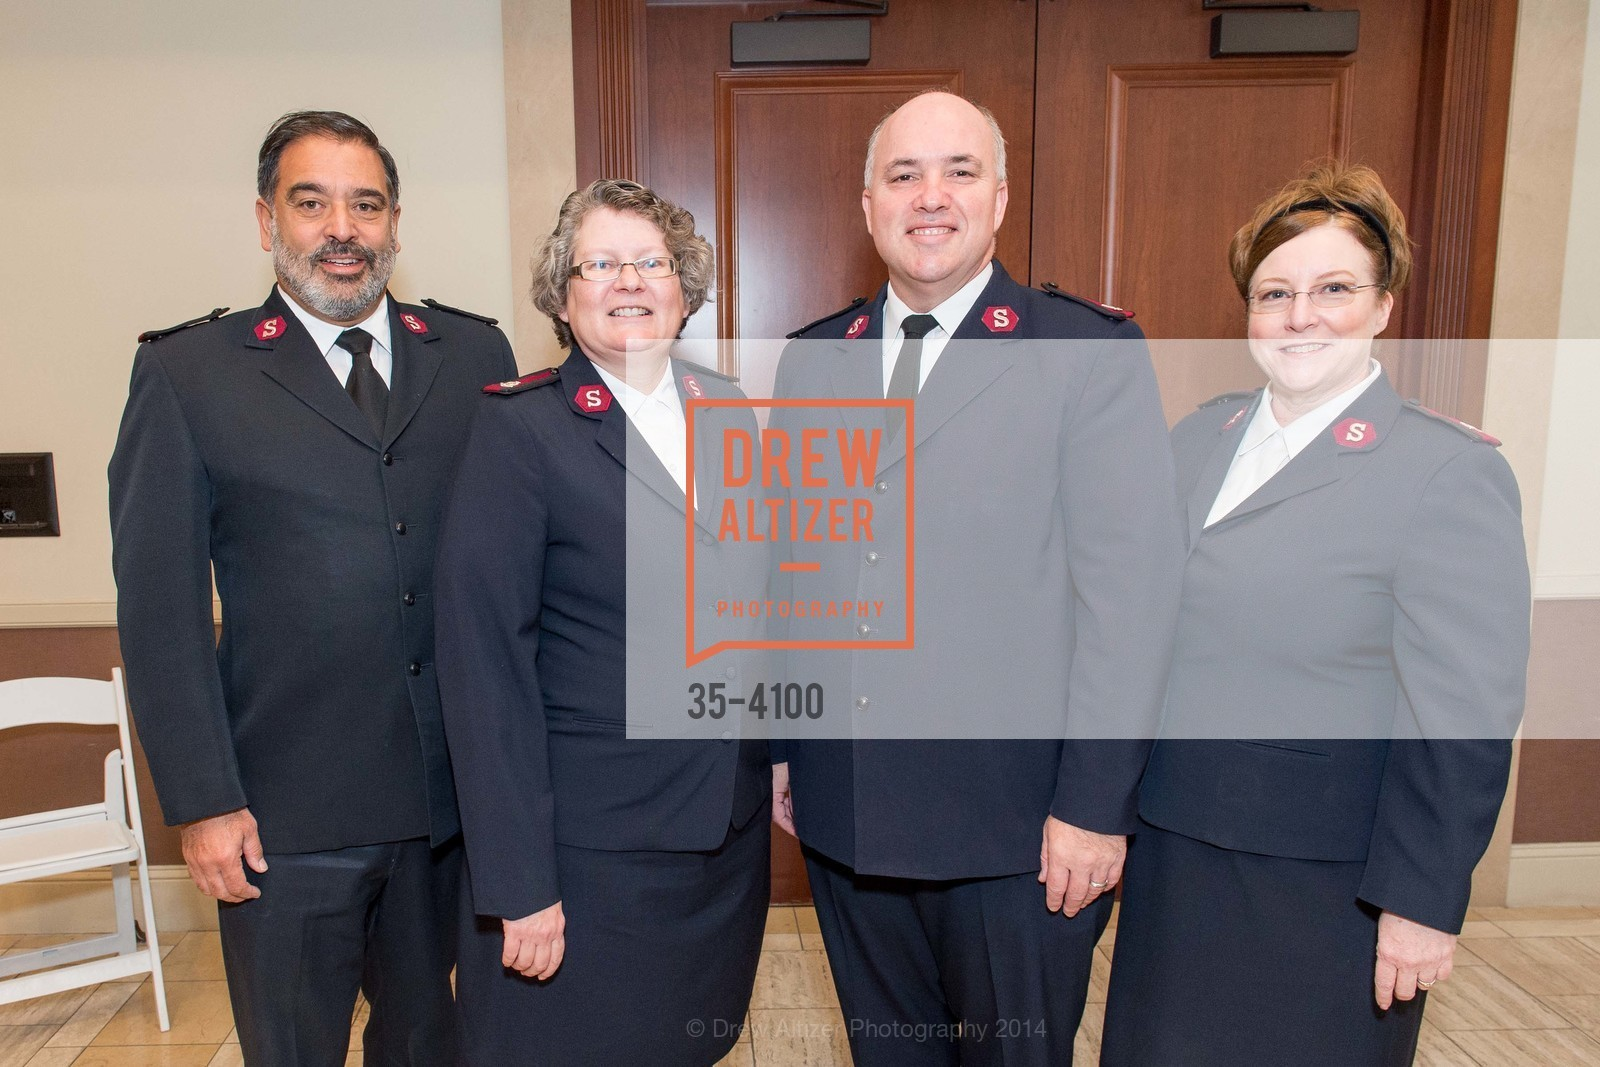 Maj. Beau Perez, Maj. Amanda Perez, Maj. David Pierce, Maj. Michelle Pierce, Photo #35-4100